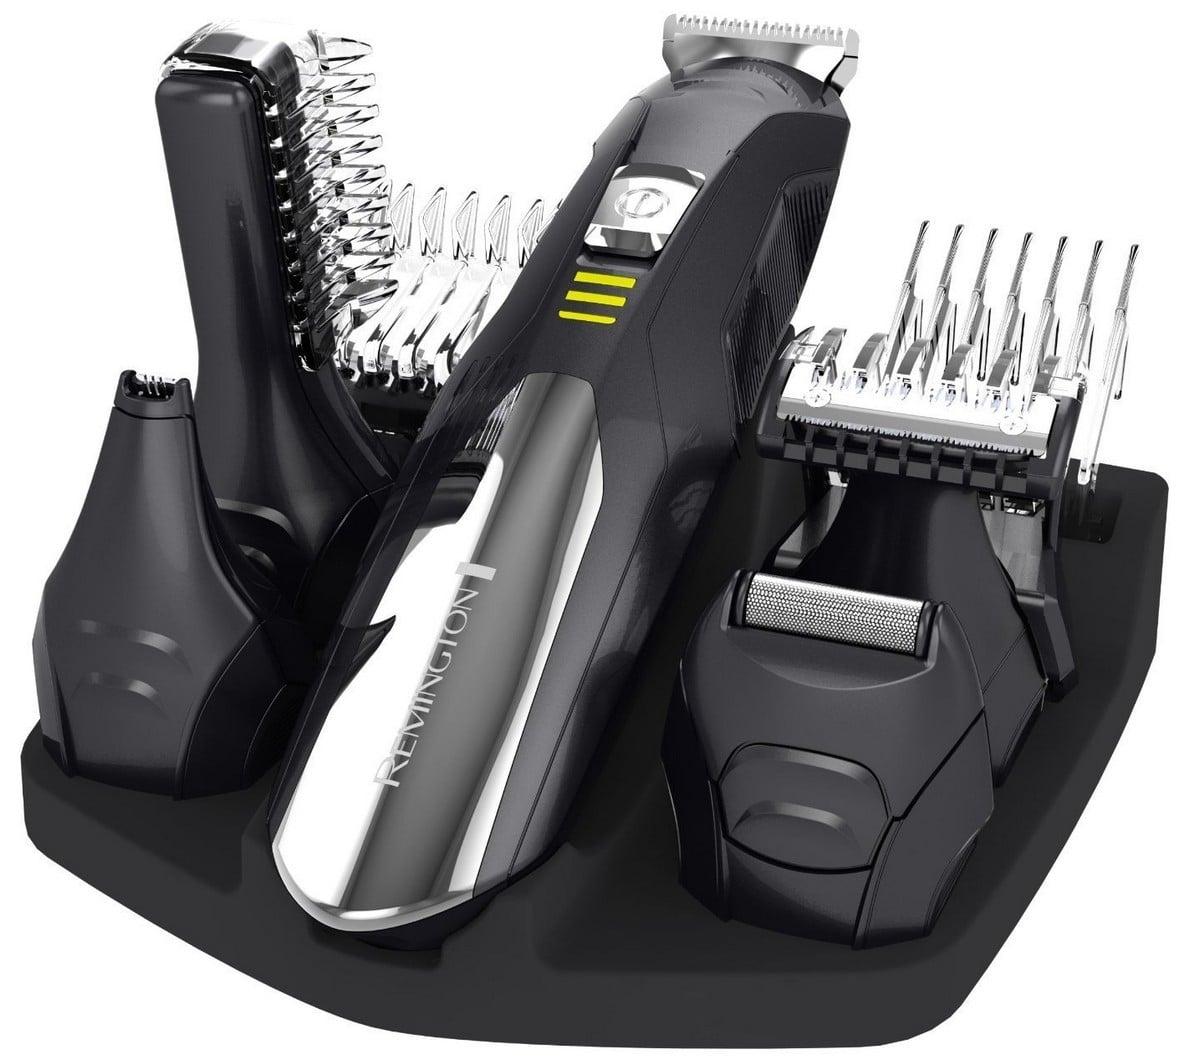 Tondeuse à barbe Remington PG6060